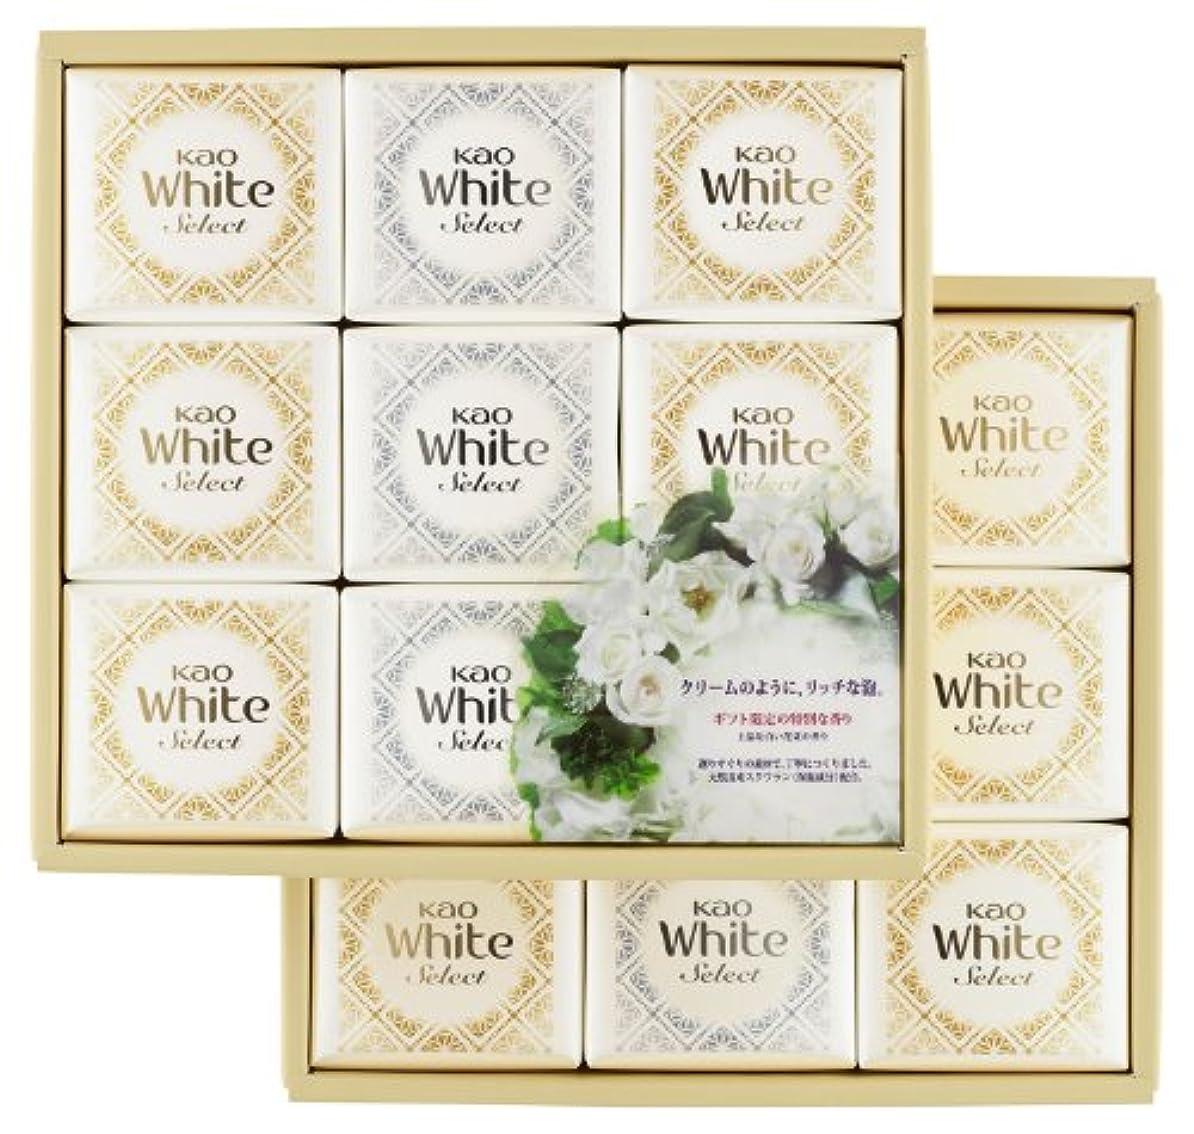 豊富にまたはどちらかつらい花王ホワイト セレクト 上品な白い花束の香り 85g 18コ K?WS-30